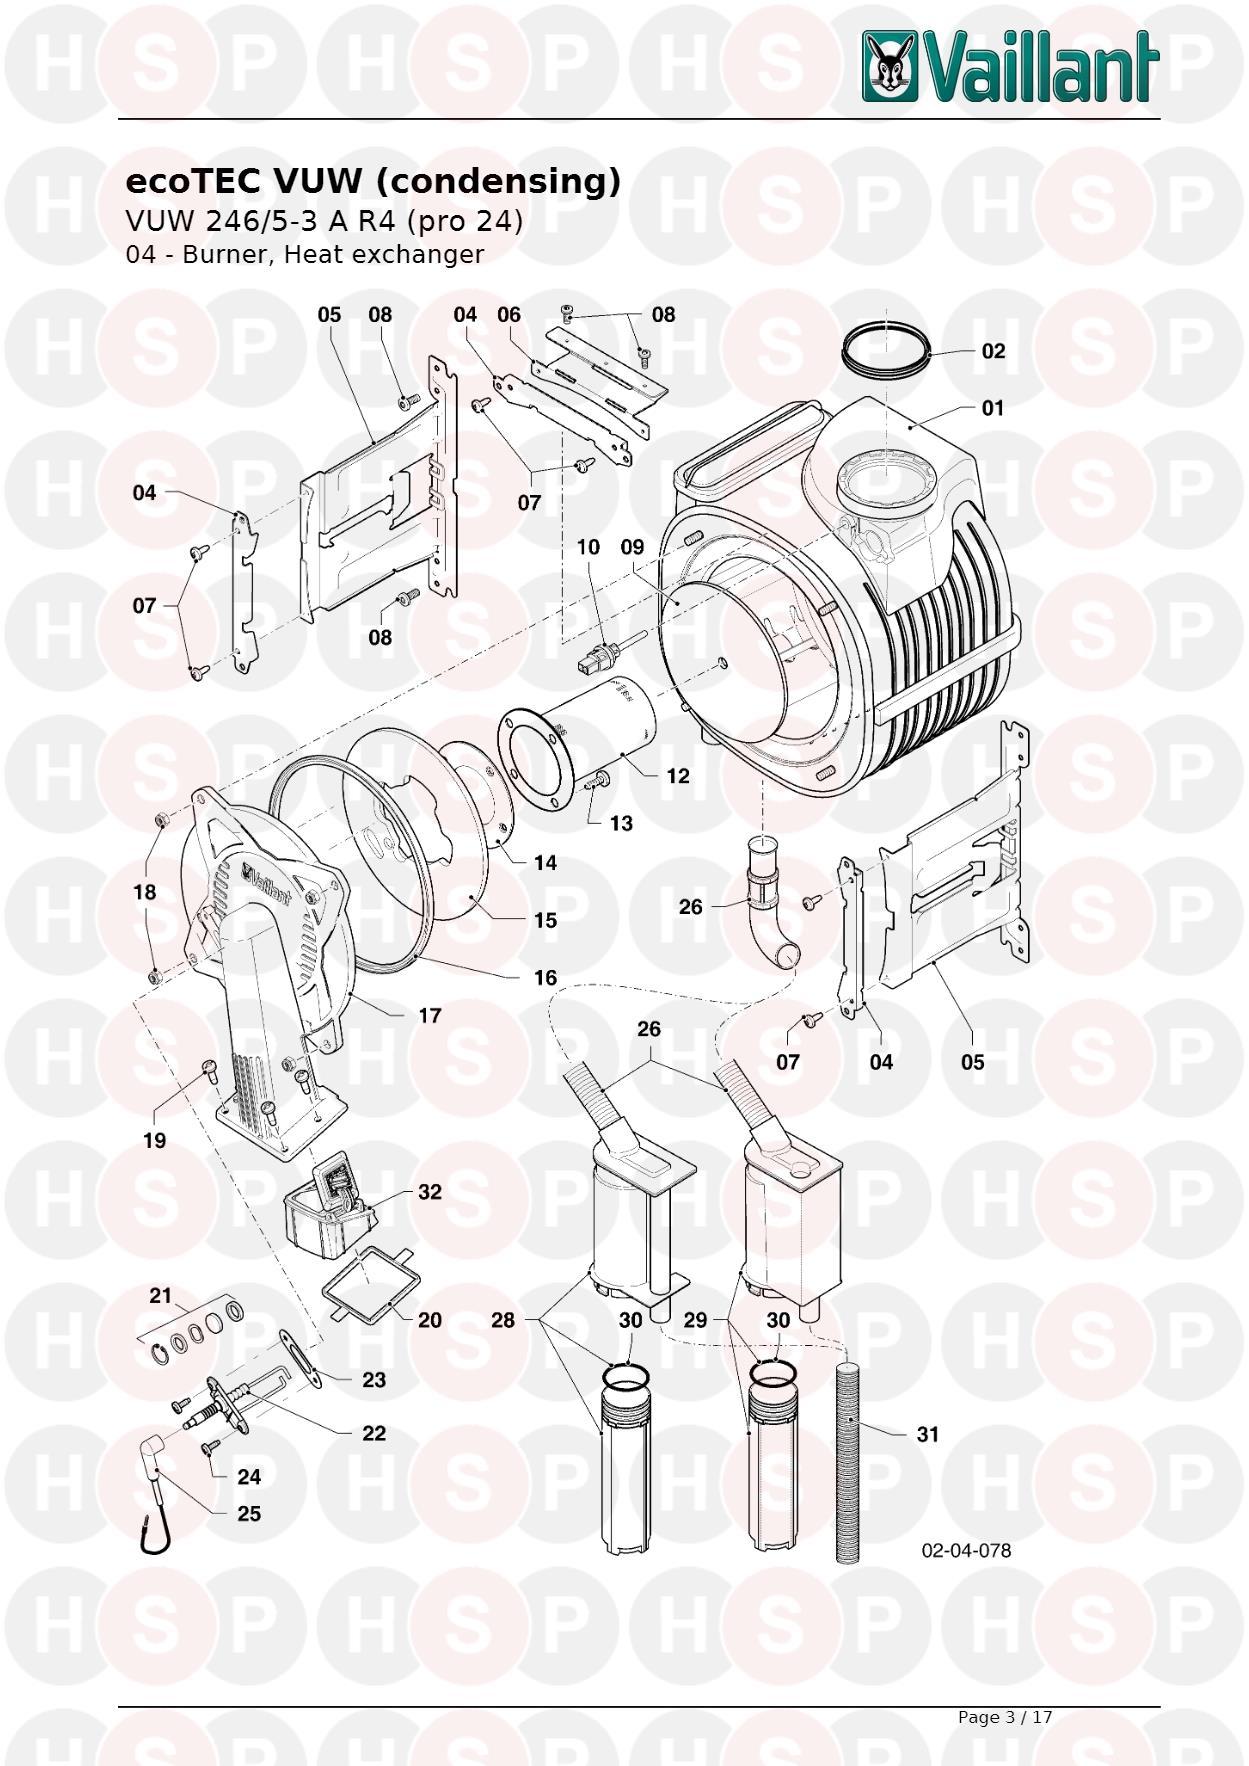 Vaillant ECOTEC PRO 24 VUW 246/5-3 R4 (current production